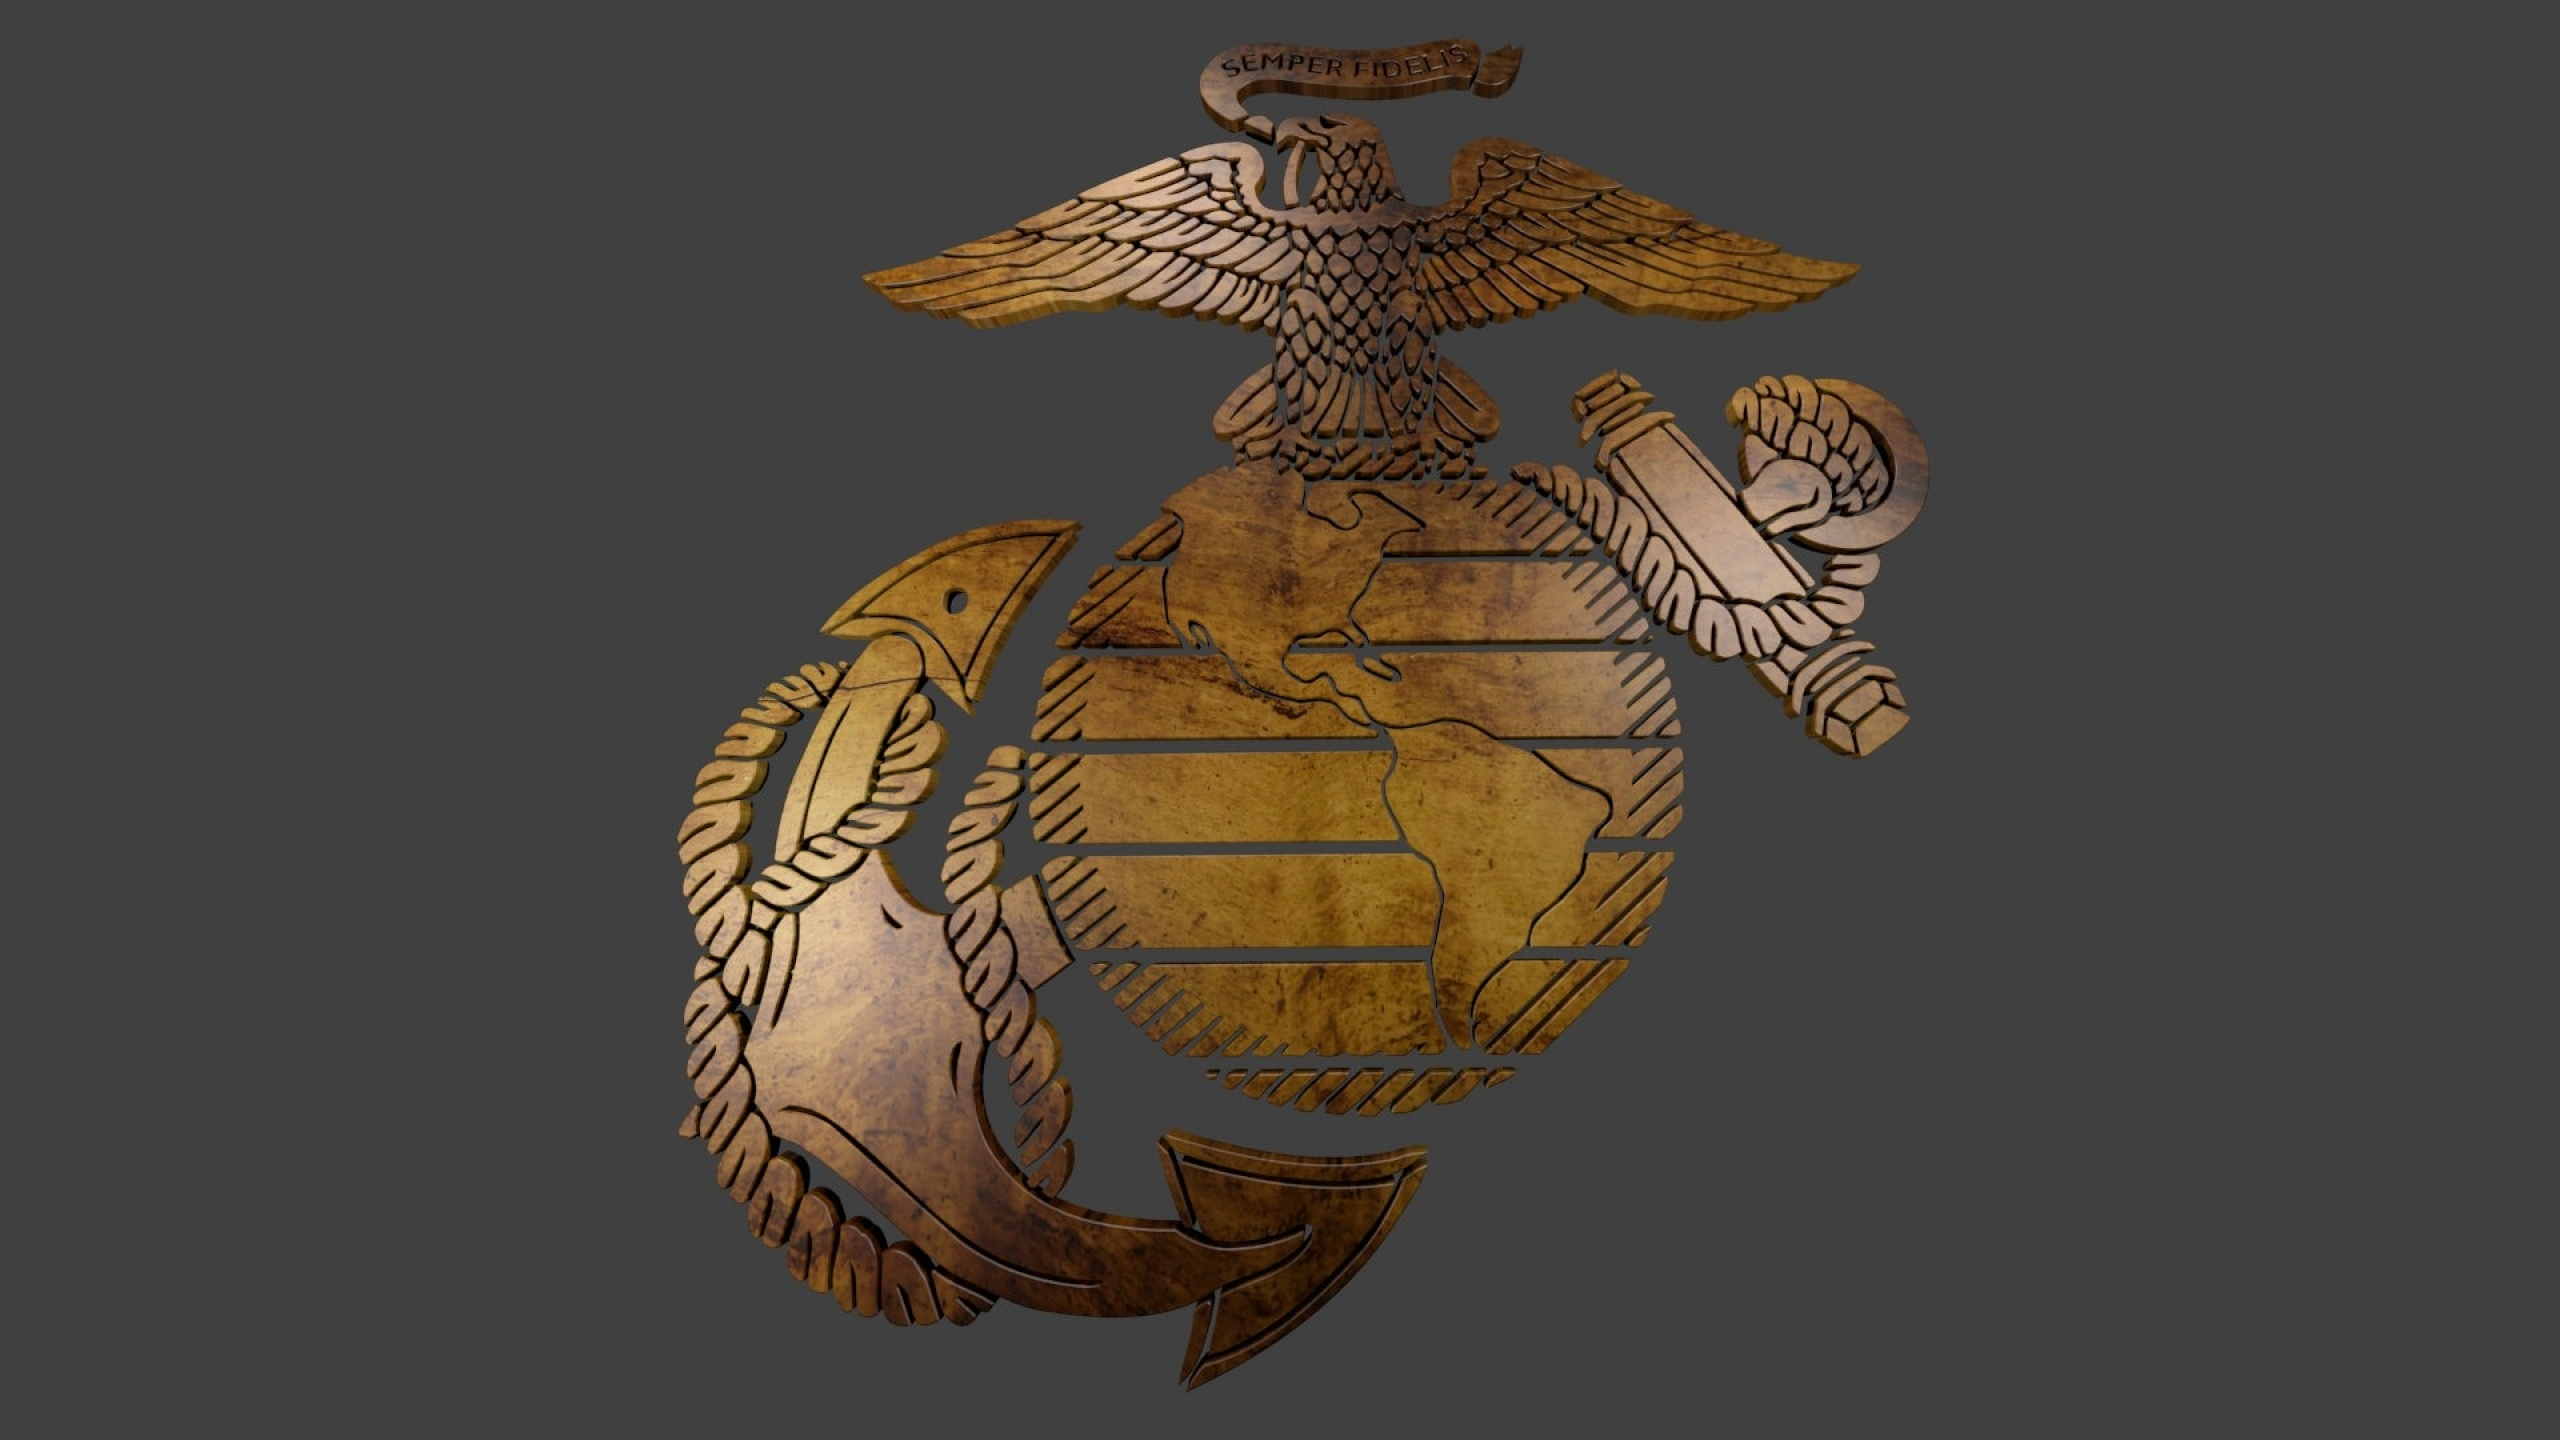 wood usmc marines Best WallpapersTop WallpapersWallpapers for 2560x1440